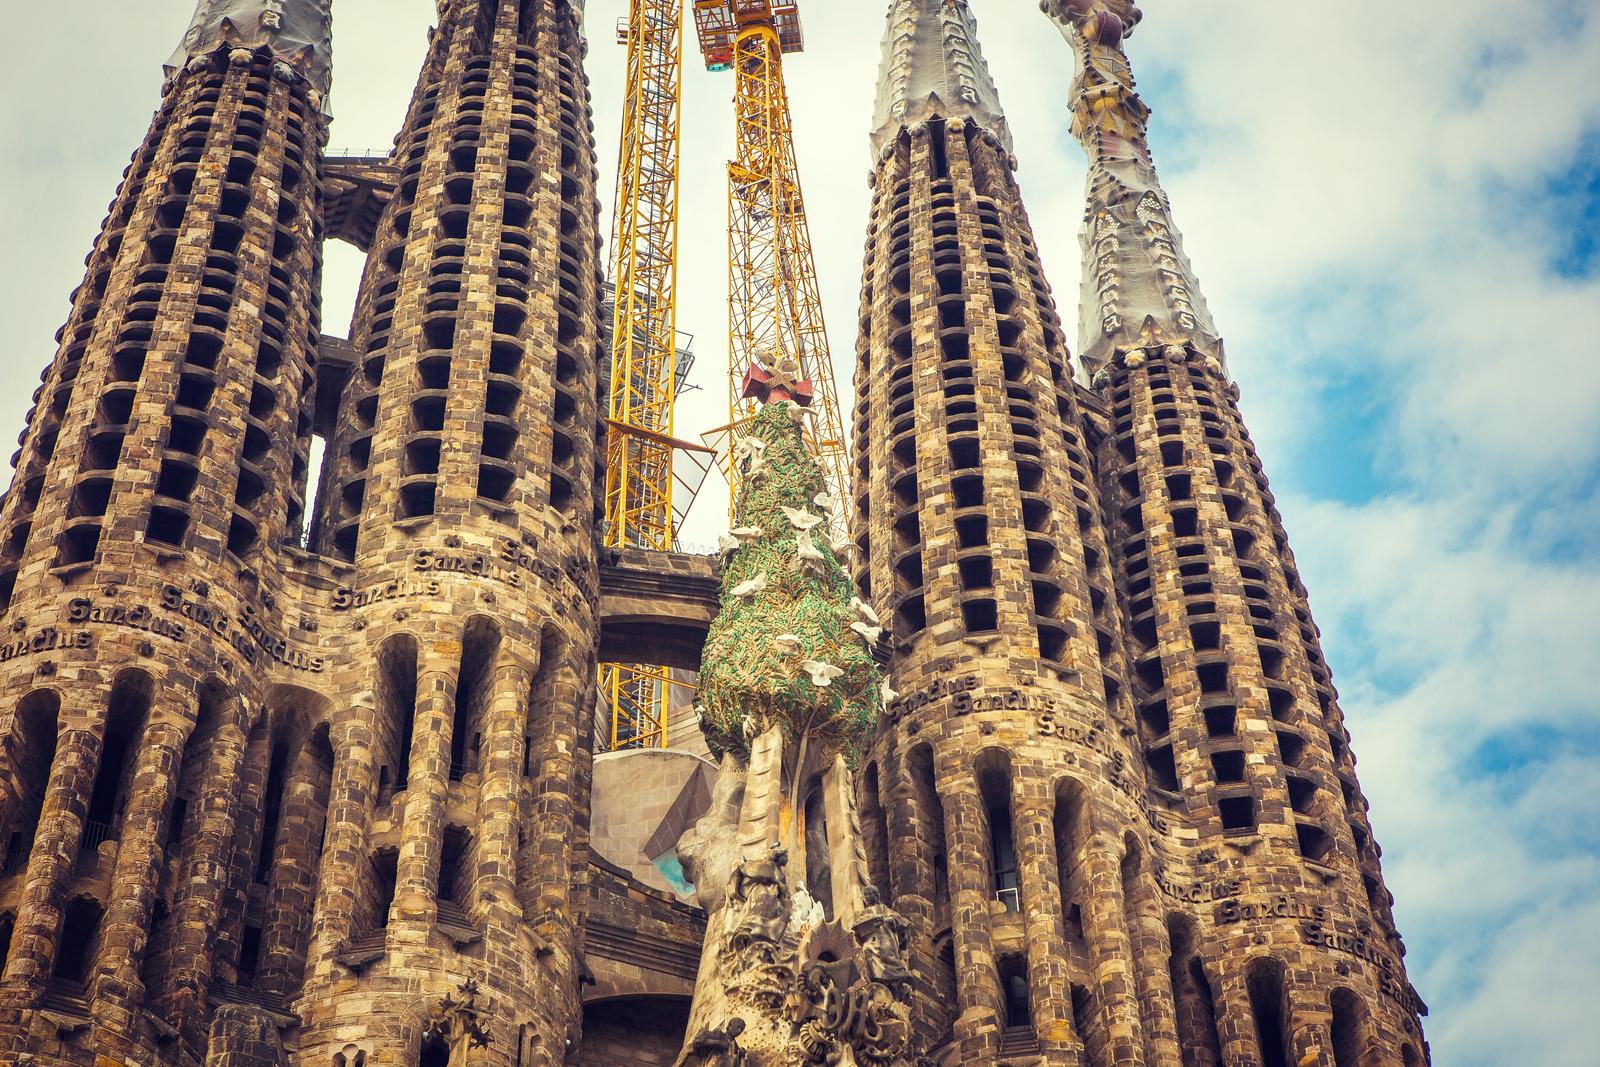 西班牙圣家堂(Sagrada Família), 上帝建筑师-高第的作品